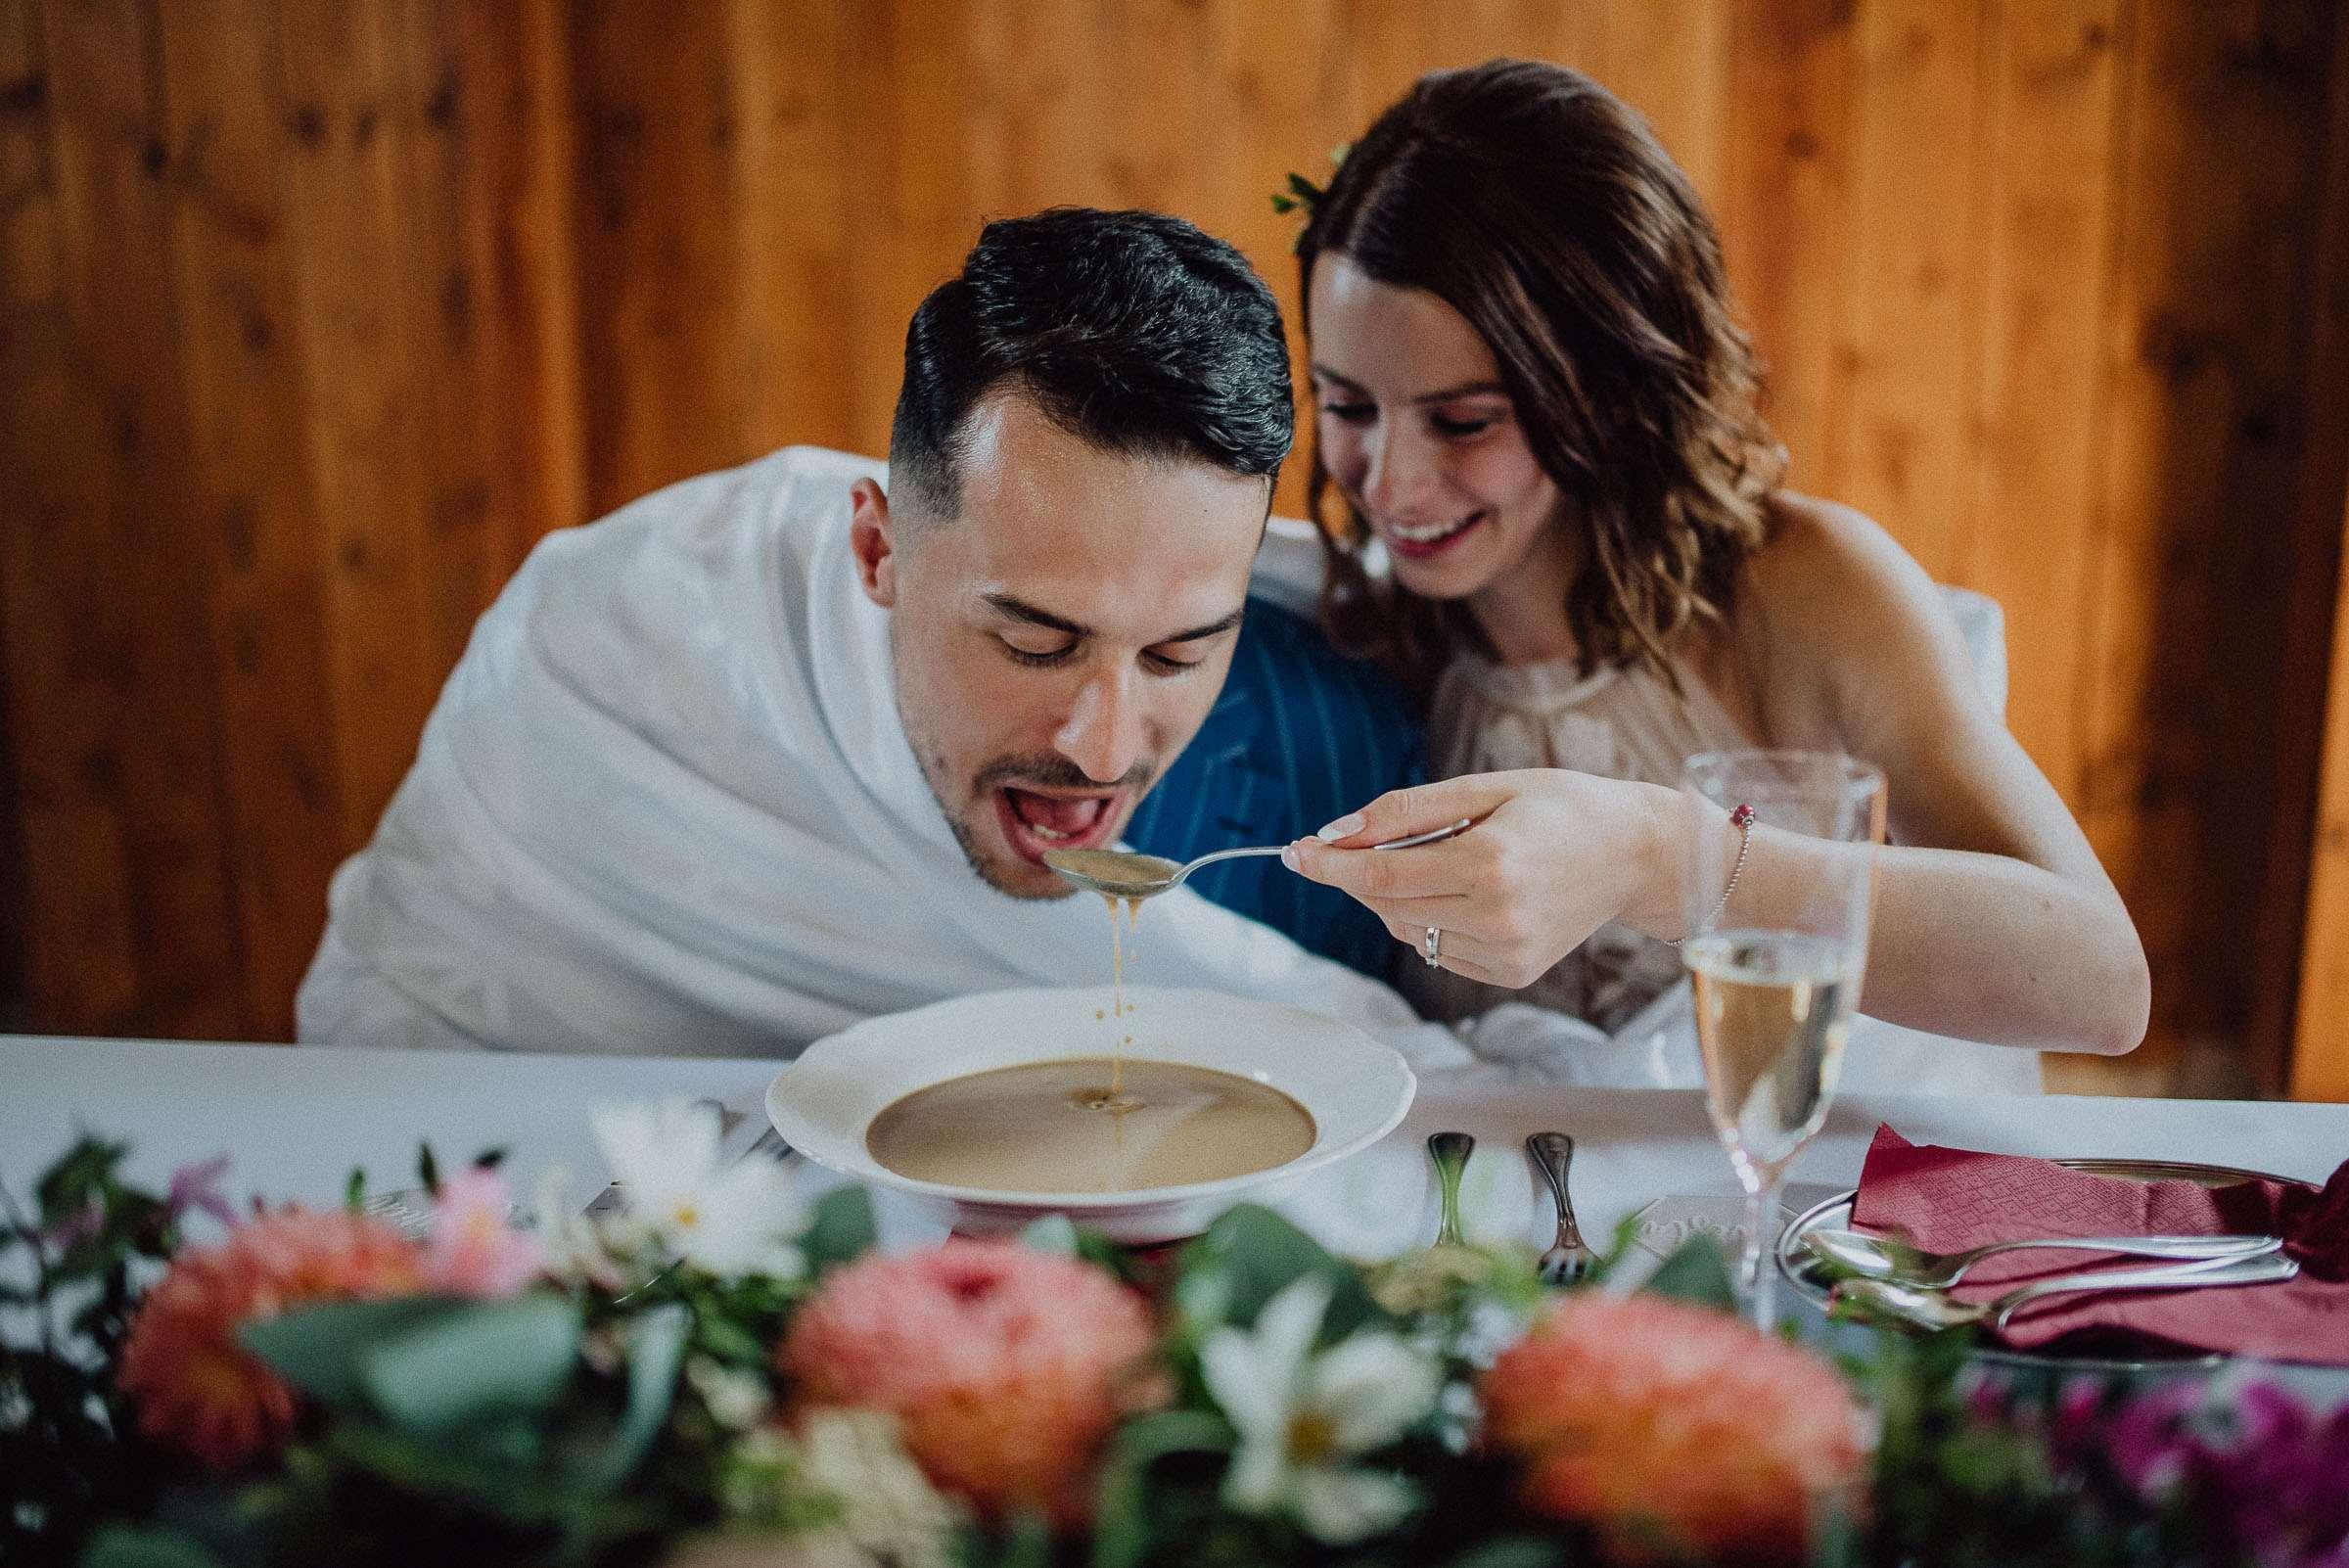 Nevěsta krmí ženicha polévkou ze společného talíře Stodola U Vránů, svatba Orlické hory